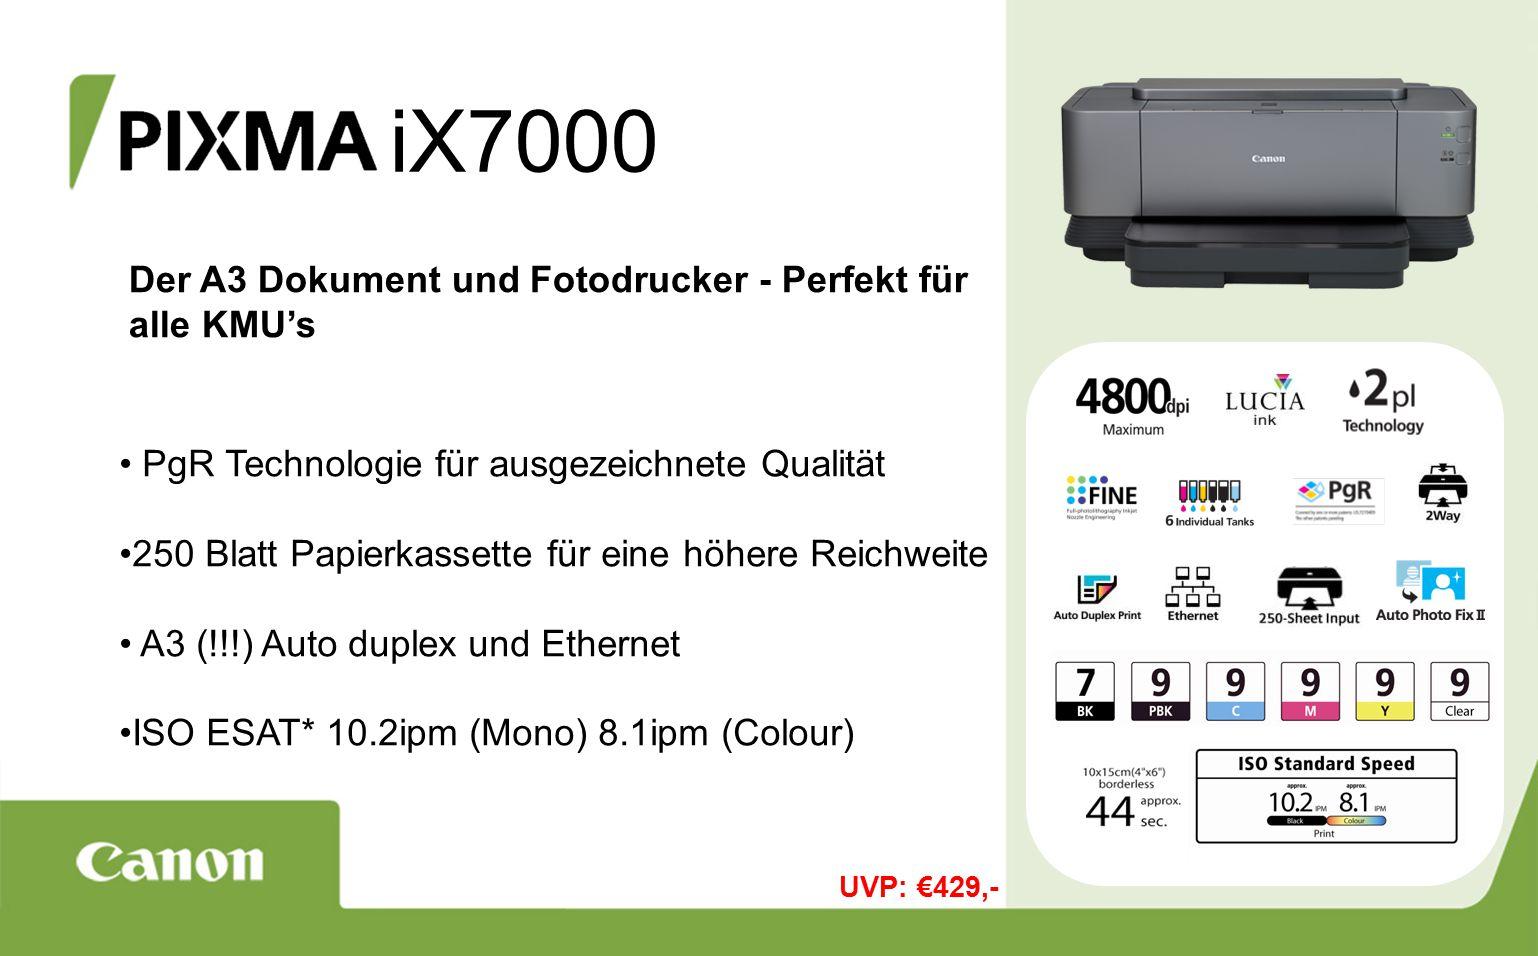 iX7000 Der A3 Dokument und Fotodrucker - Perfekt für alle KMU's PgR Technologie für ausgezeichnete Qualität 250 Blatt Papierkassette für eine höhere Reichweite A3 (!!!) Auto duplex und Ethernet ISO ESAT* 10.2ipm (Mono) 8.1ipm (Colour) UVP: €429,-